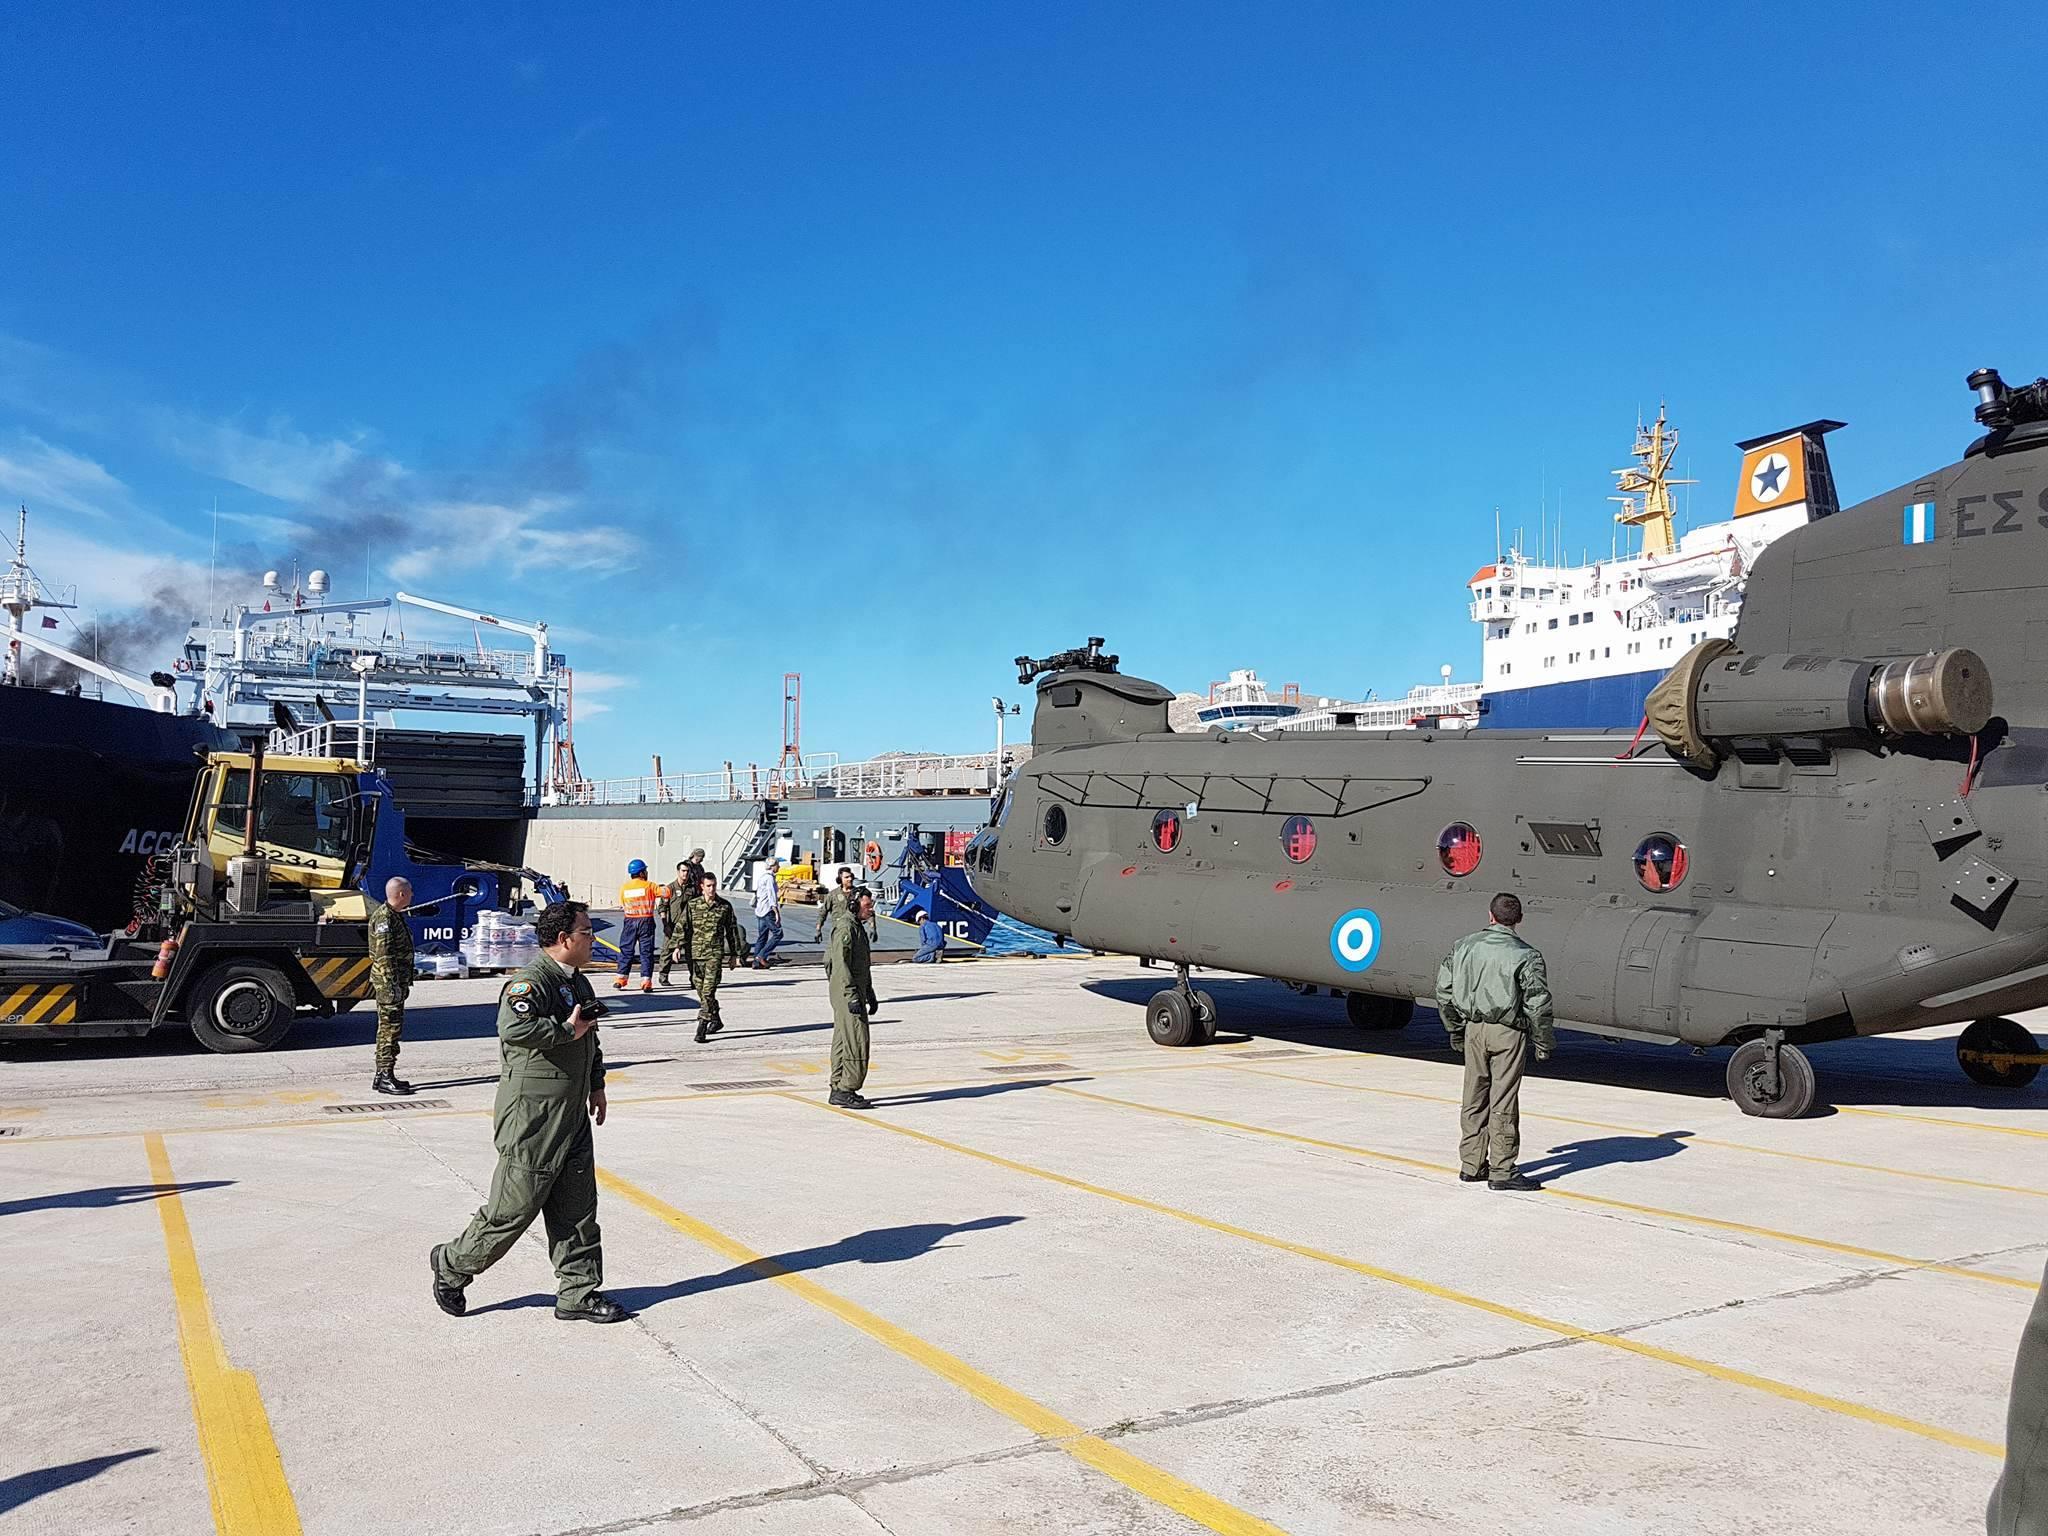 ΗΠΑ σε Ελλάδα: «Επανεξοπλισμός εδώ και τώρα, μην χάνετε χρόνο» – Εφτασαν τα πρώτα CH-47D Chinook – Ακολουθούν OH-58D Kiowa Warrior - Εικόνα6